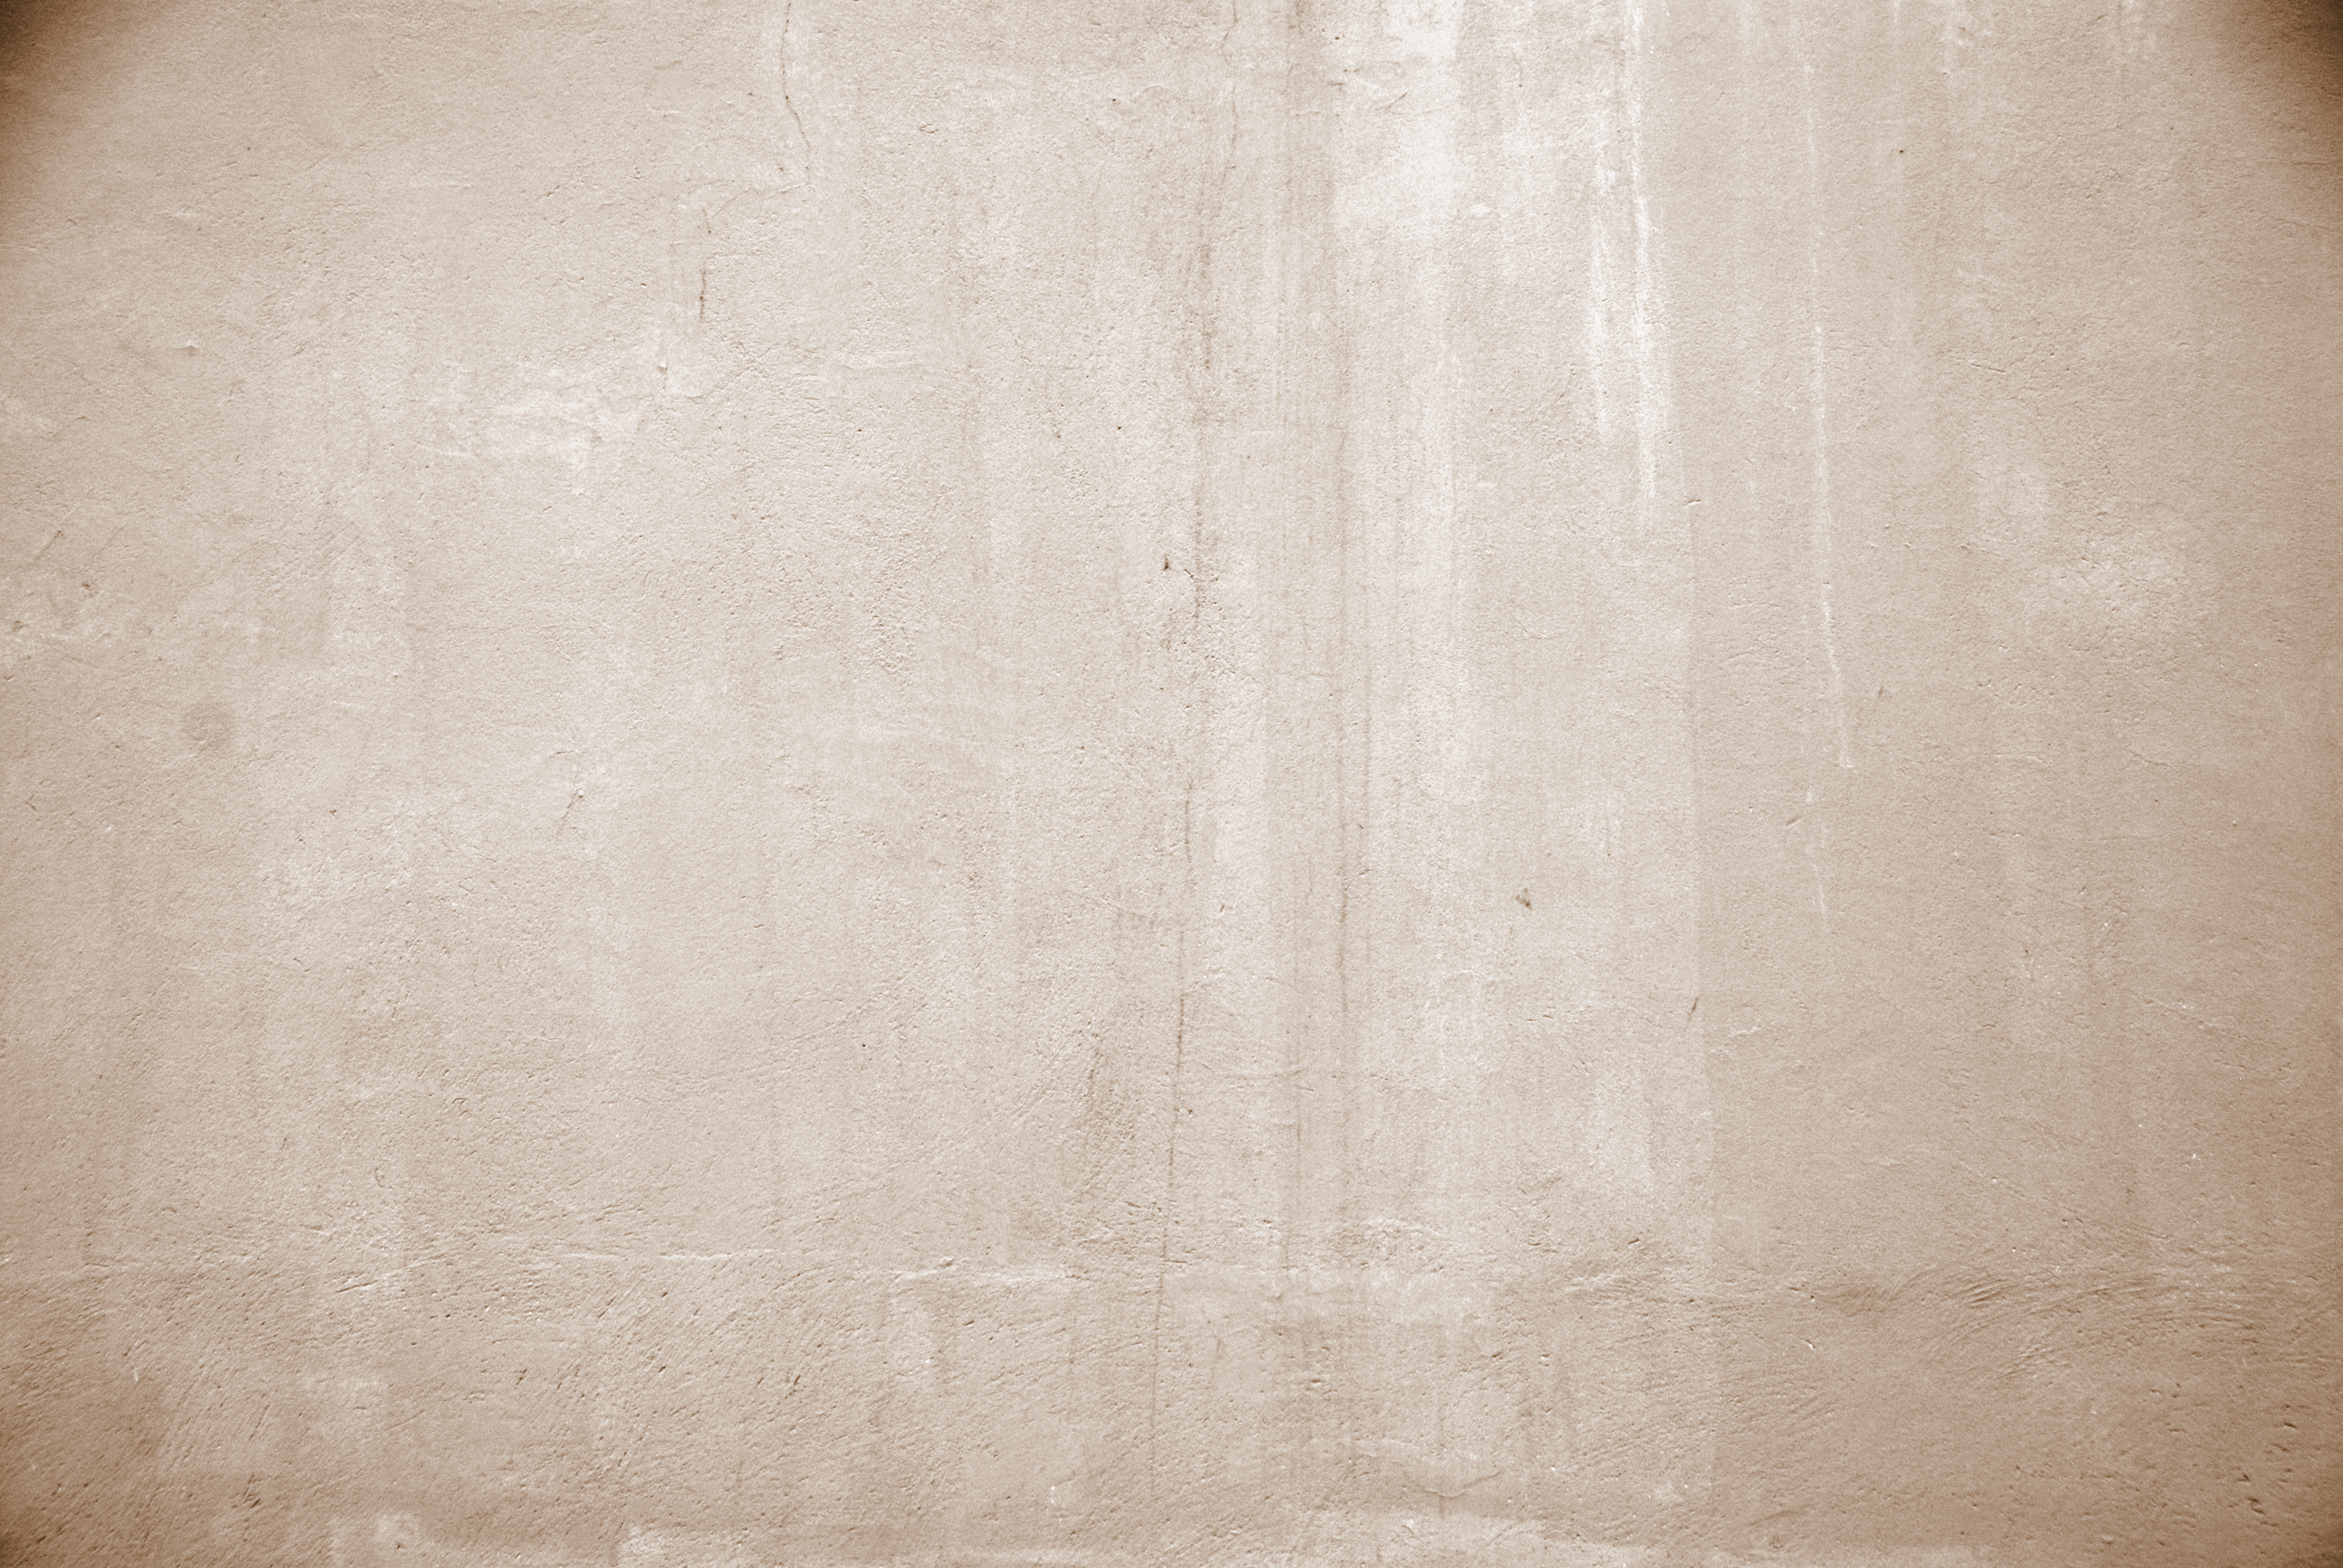 Pared beige sucia canarias creativa - Tratamiento de humedades en paredes ...